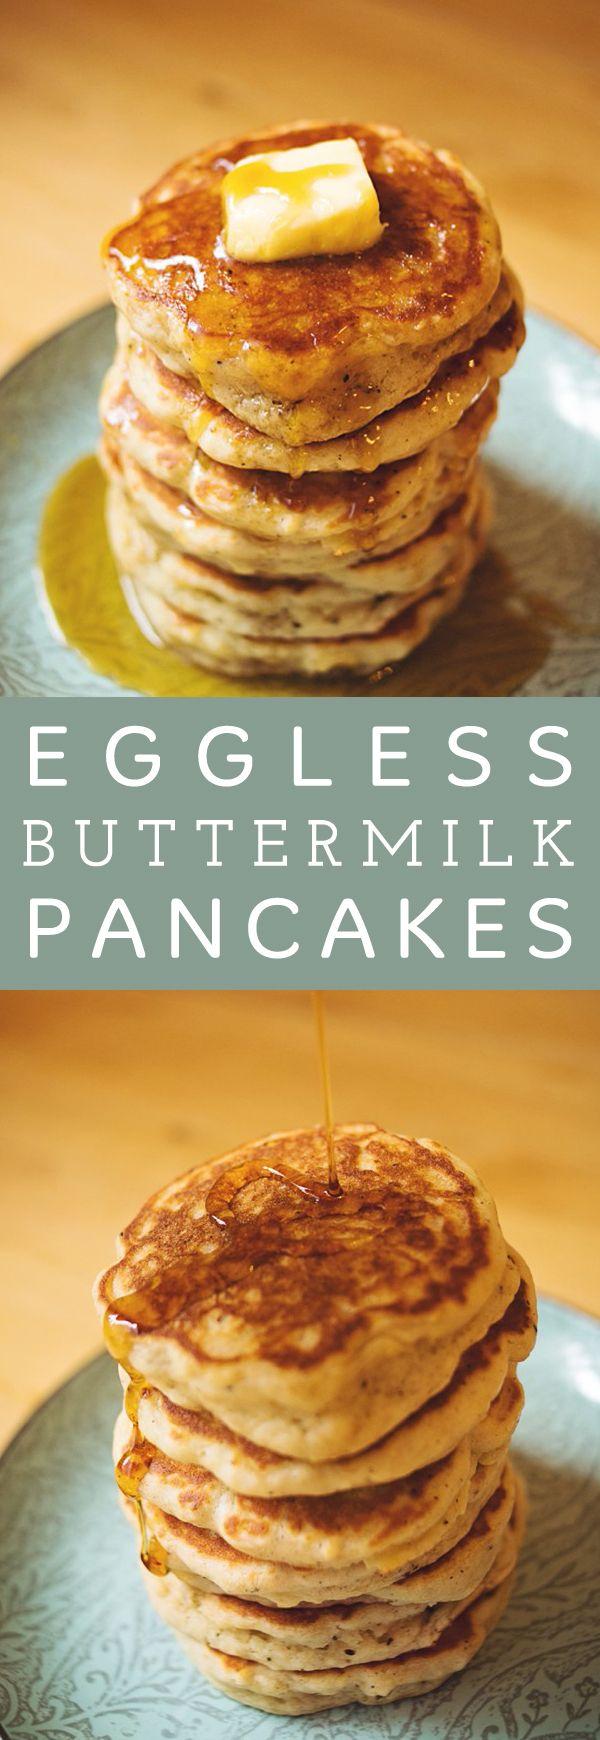 Eggless Buttermilk Pancakes A Butterful Mind Eggless Recipes Pancake Recipe Buttermilk Eggless Desserts